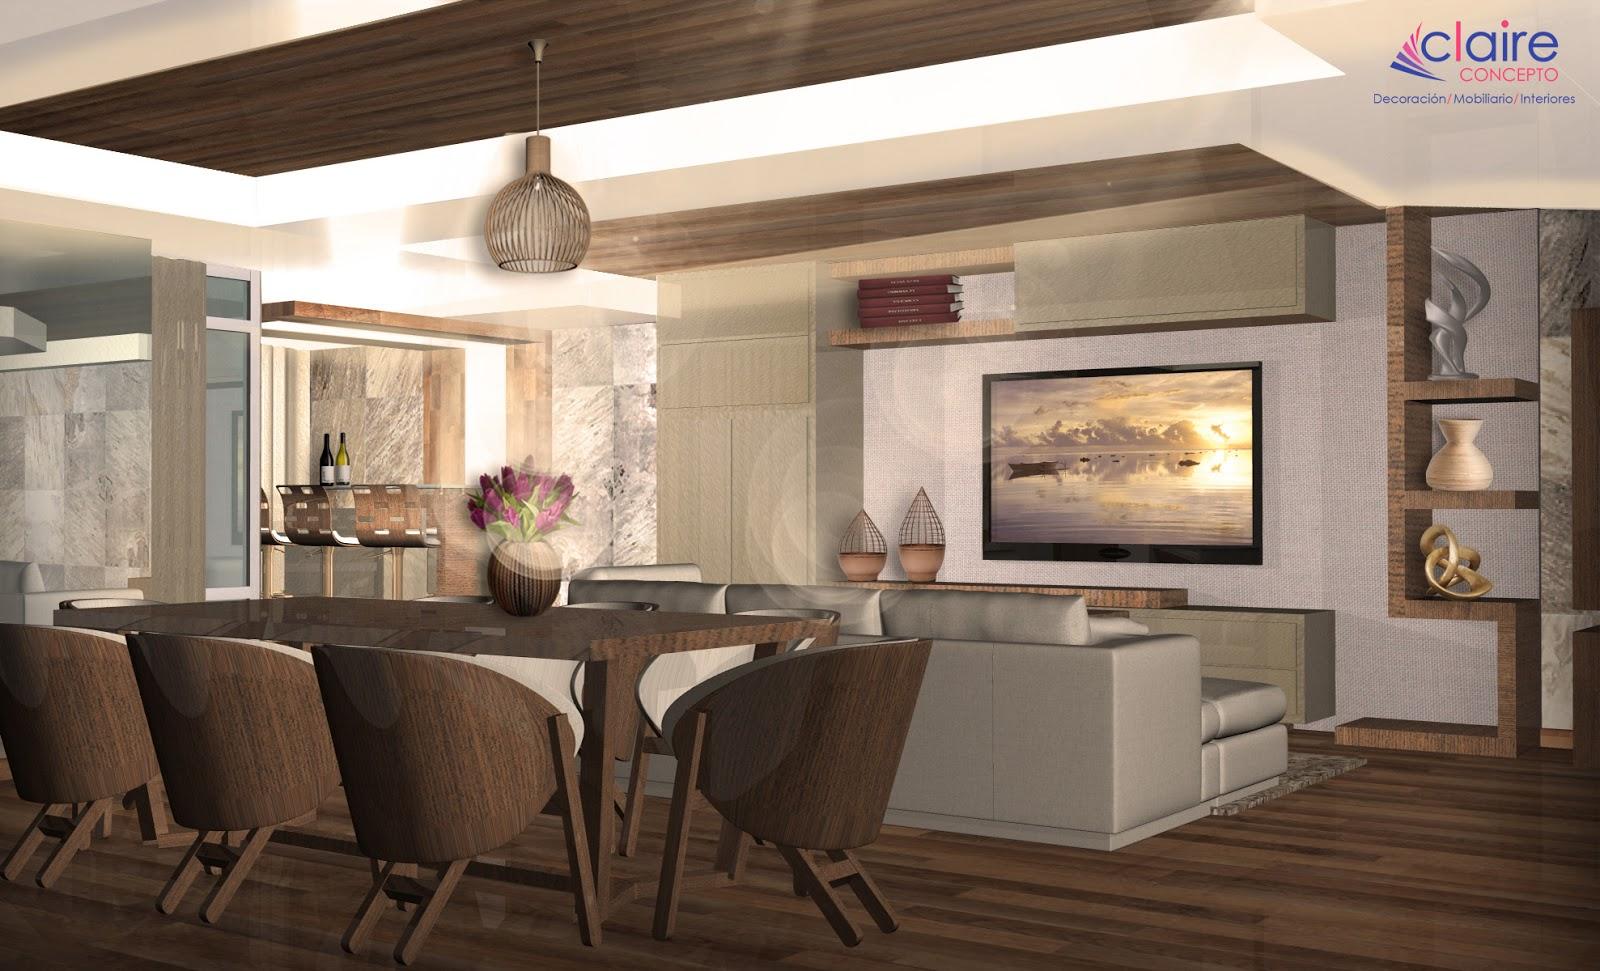 Decoraci n de interiores casas peque as interlomas for Modelos de interiores de casas pequenas